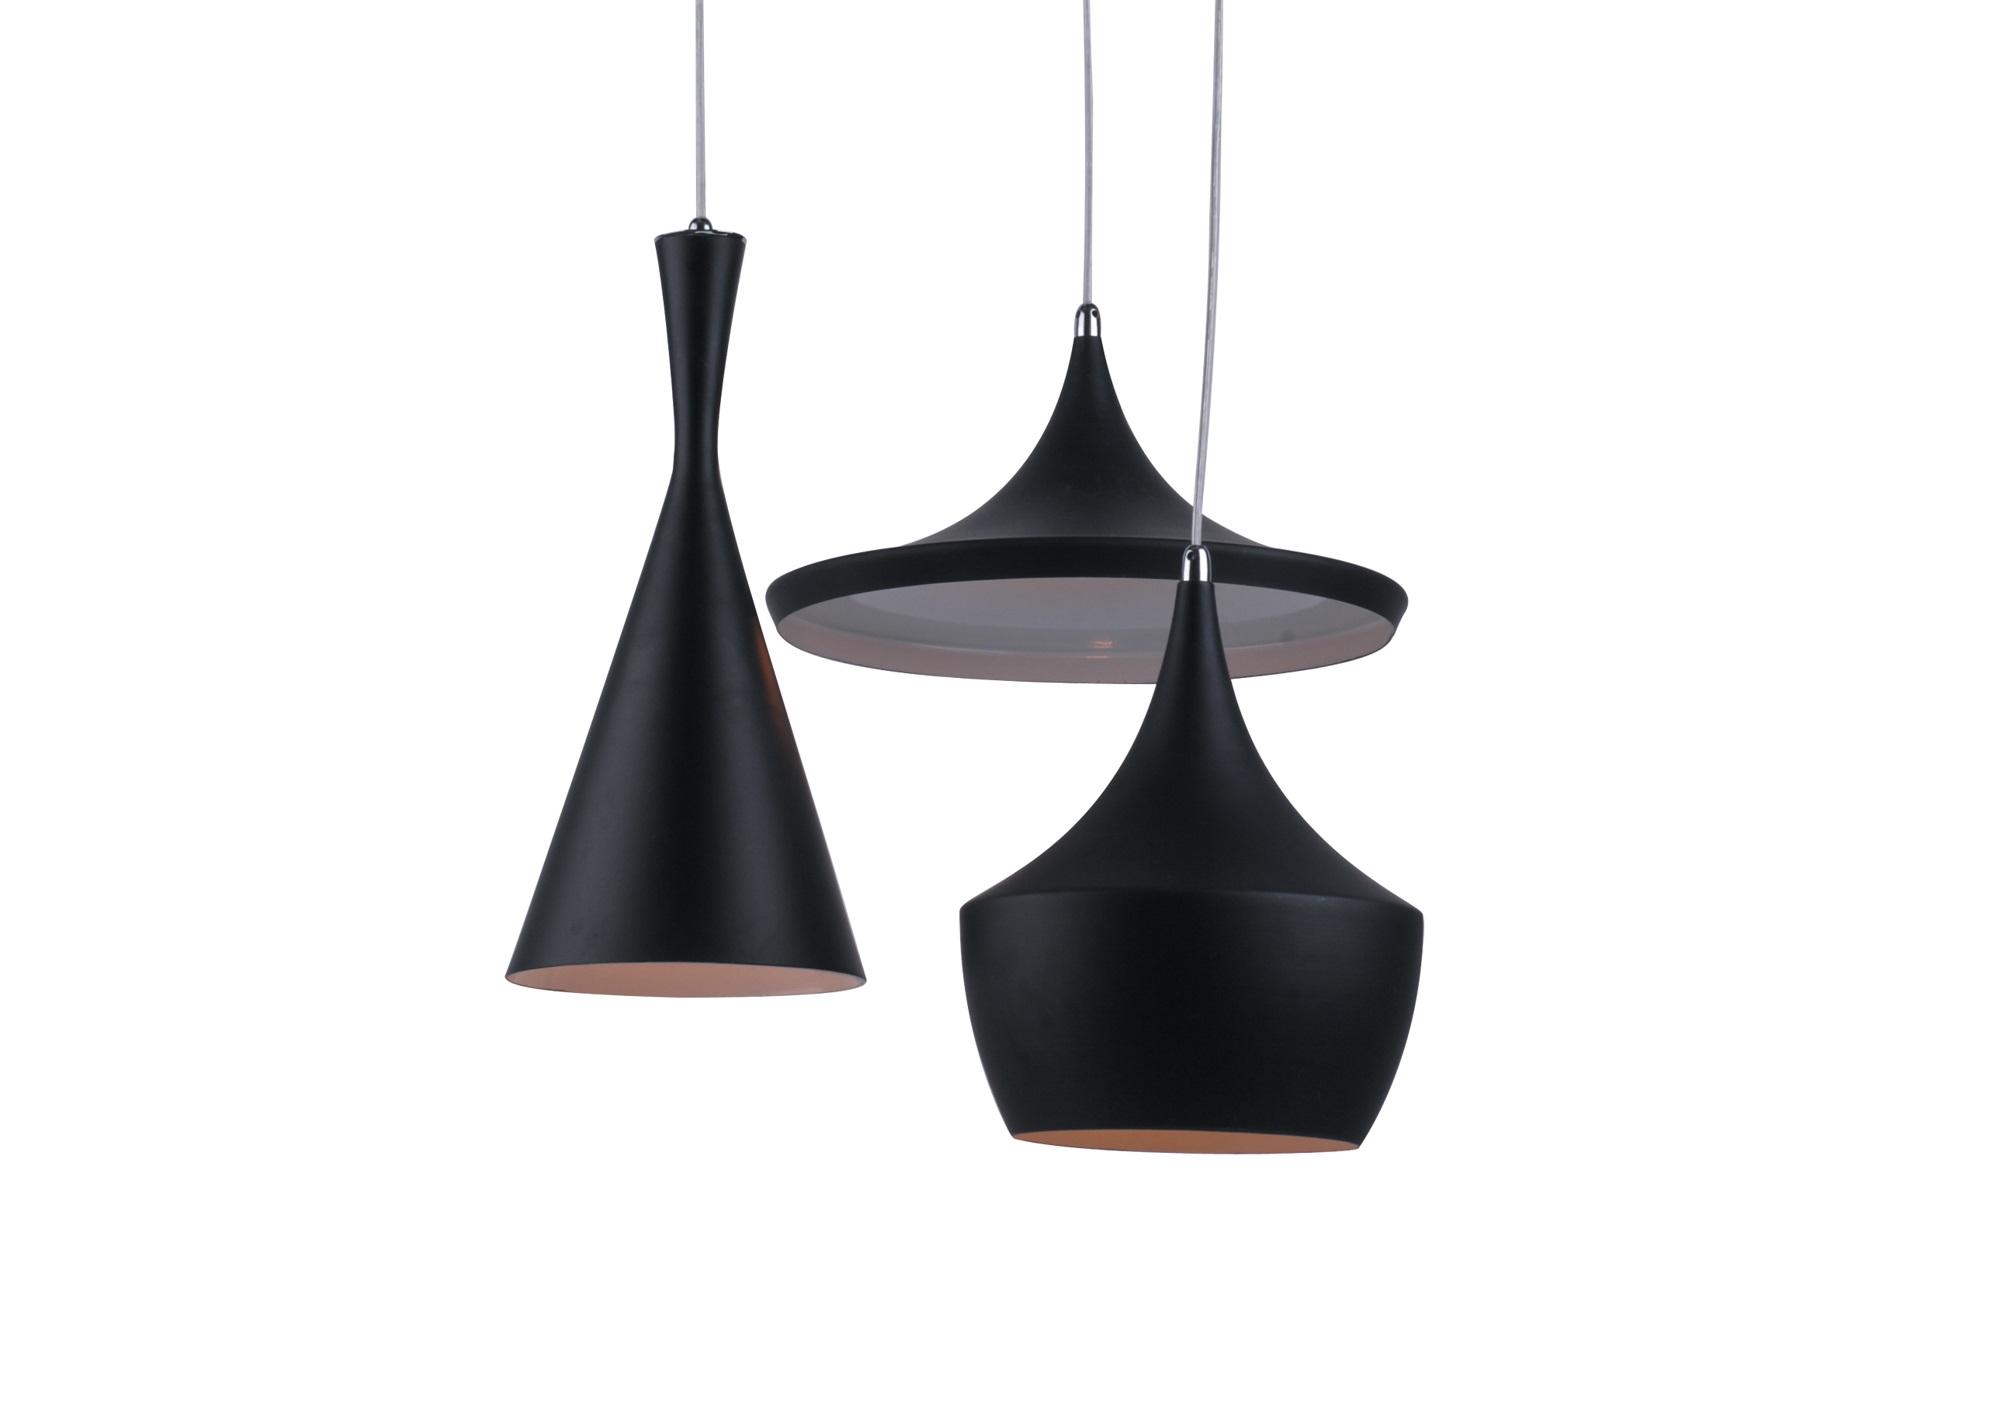 Светильник Ballina BlackПодвесные светильники<br>Изысканный и лаконичный светильник, на одном основании которого находятся три разноуровневых плафона разной формы. Этот светильник дает яркое, направленное освещение. Его удачно можно расположить над столом, либо он послужит отличным вариантом зонирования помещения.&amp;amp;nbsp;&amp;lt;div&amp;gt;&amp;lt;br&amp;gt;&amp;lt;/div&amp;gt;&amp;lt;div&amp;gt;&amp;lt;div&amp;gt;Вид цоколя: E27&amp;lt;/div&amp;gt;&amp;lt;div&amp;gt;Мощность: &amp;amp;nbsp;40W&amp;amp;nbsp;&amp;lt;/div&amp;gt;&amp;lt;div&amp;gt;Количество ламп: 3&amp;lt;/div&amp;gt;&amp;lt;/div&amp;gt;<br><br>Material: Металл<br>Высота см: 111